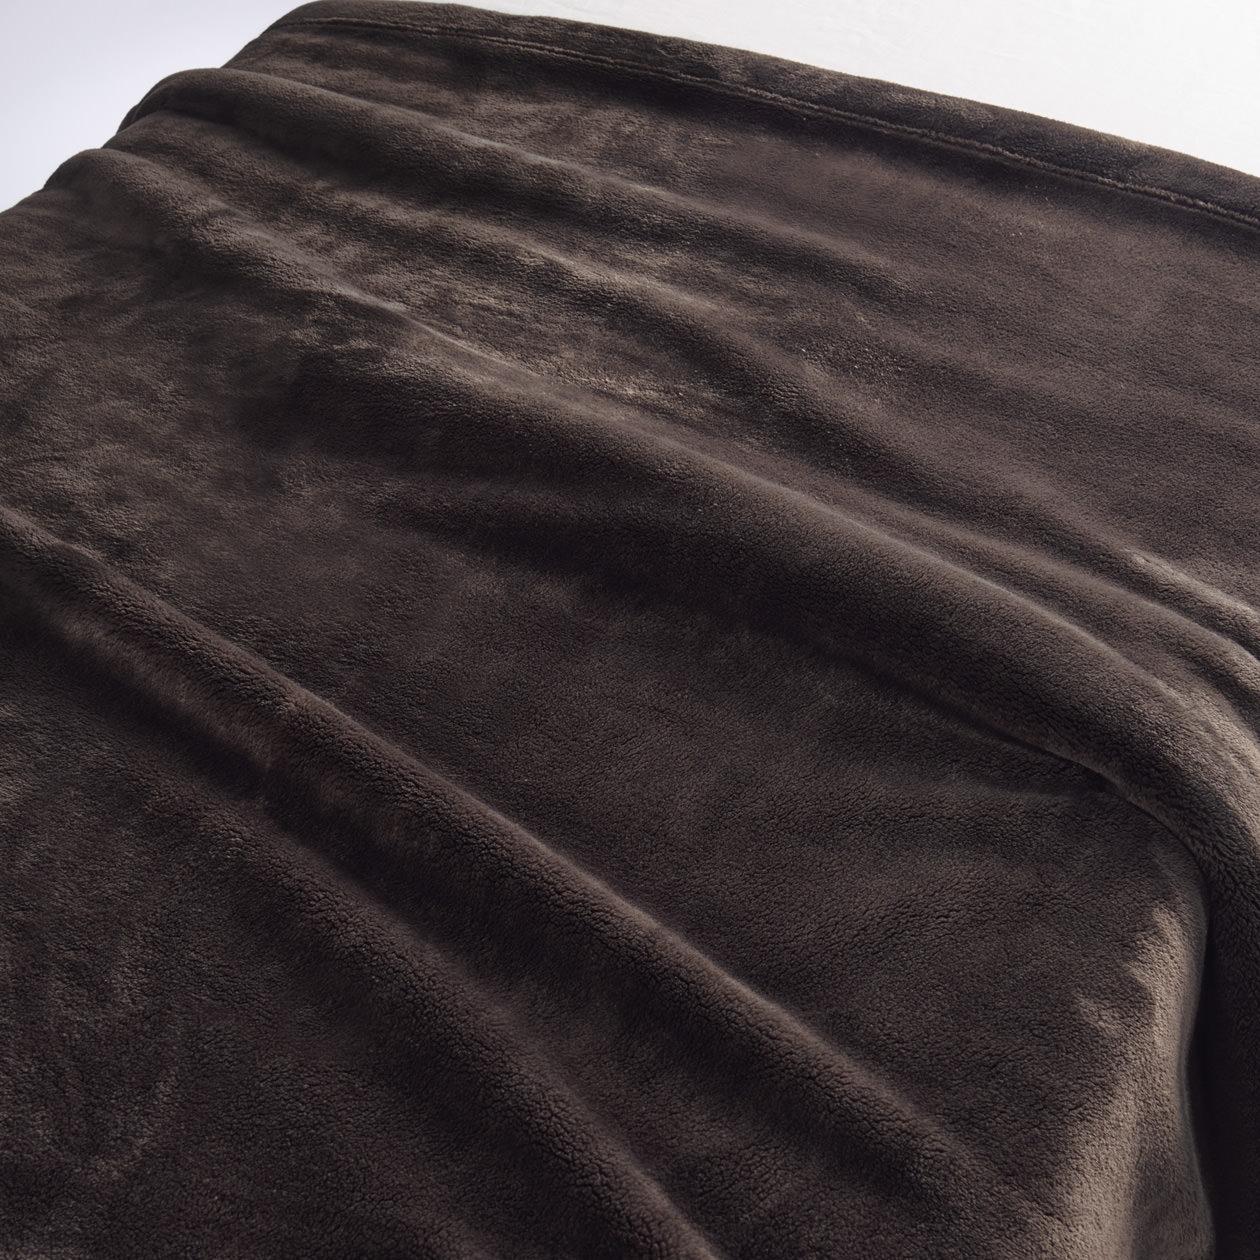 あたたかファイバー厚手毛布・S/ブラウン